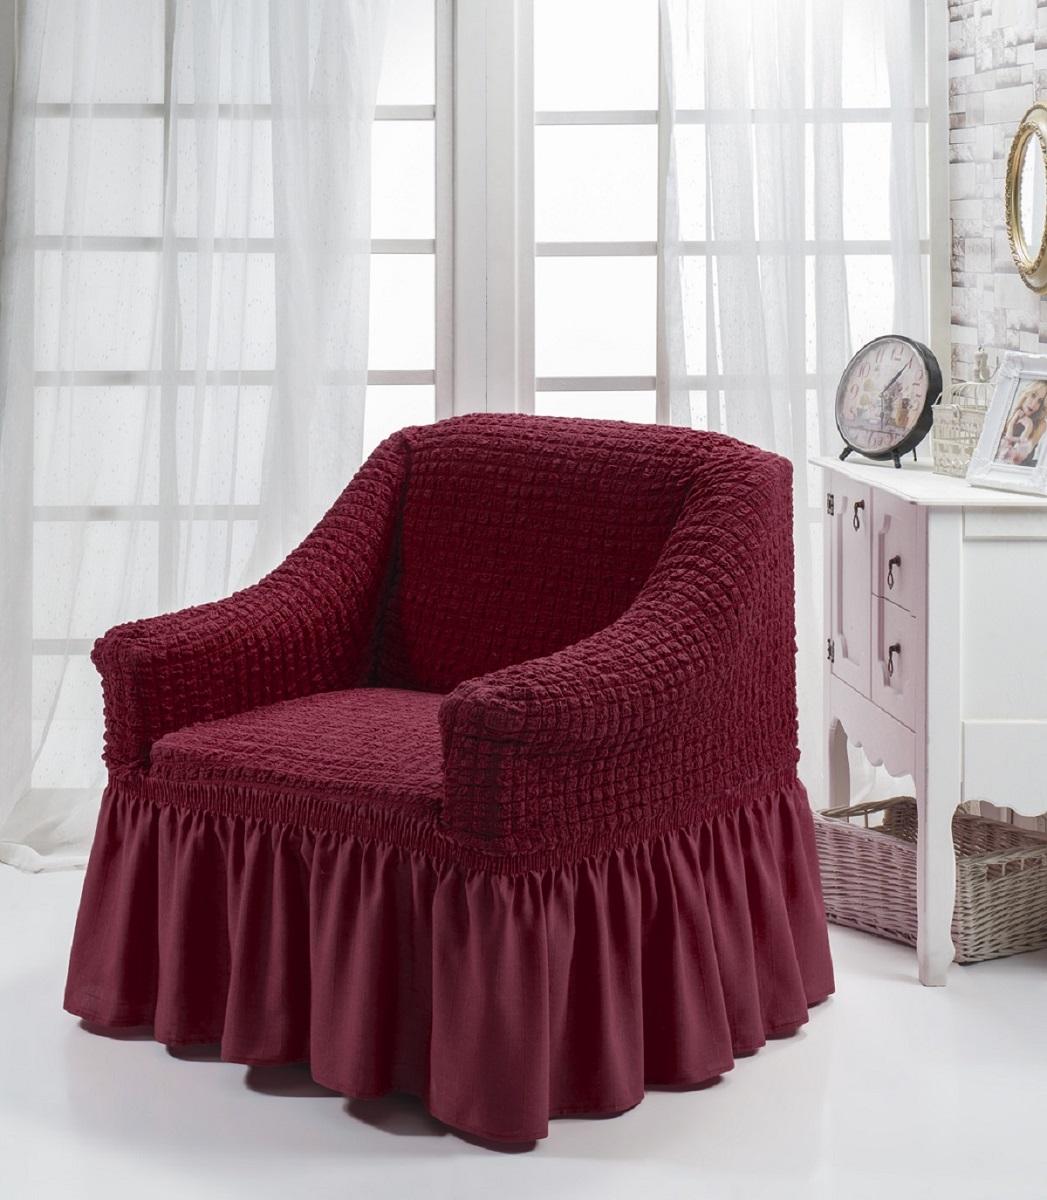 Чехол для кресла Burumcuk «Bulsan», цвет: бордовый  тумбочка ссср